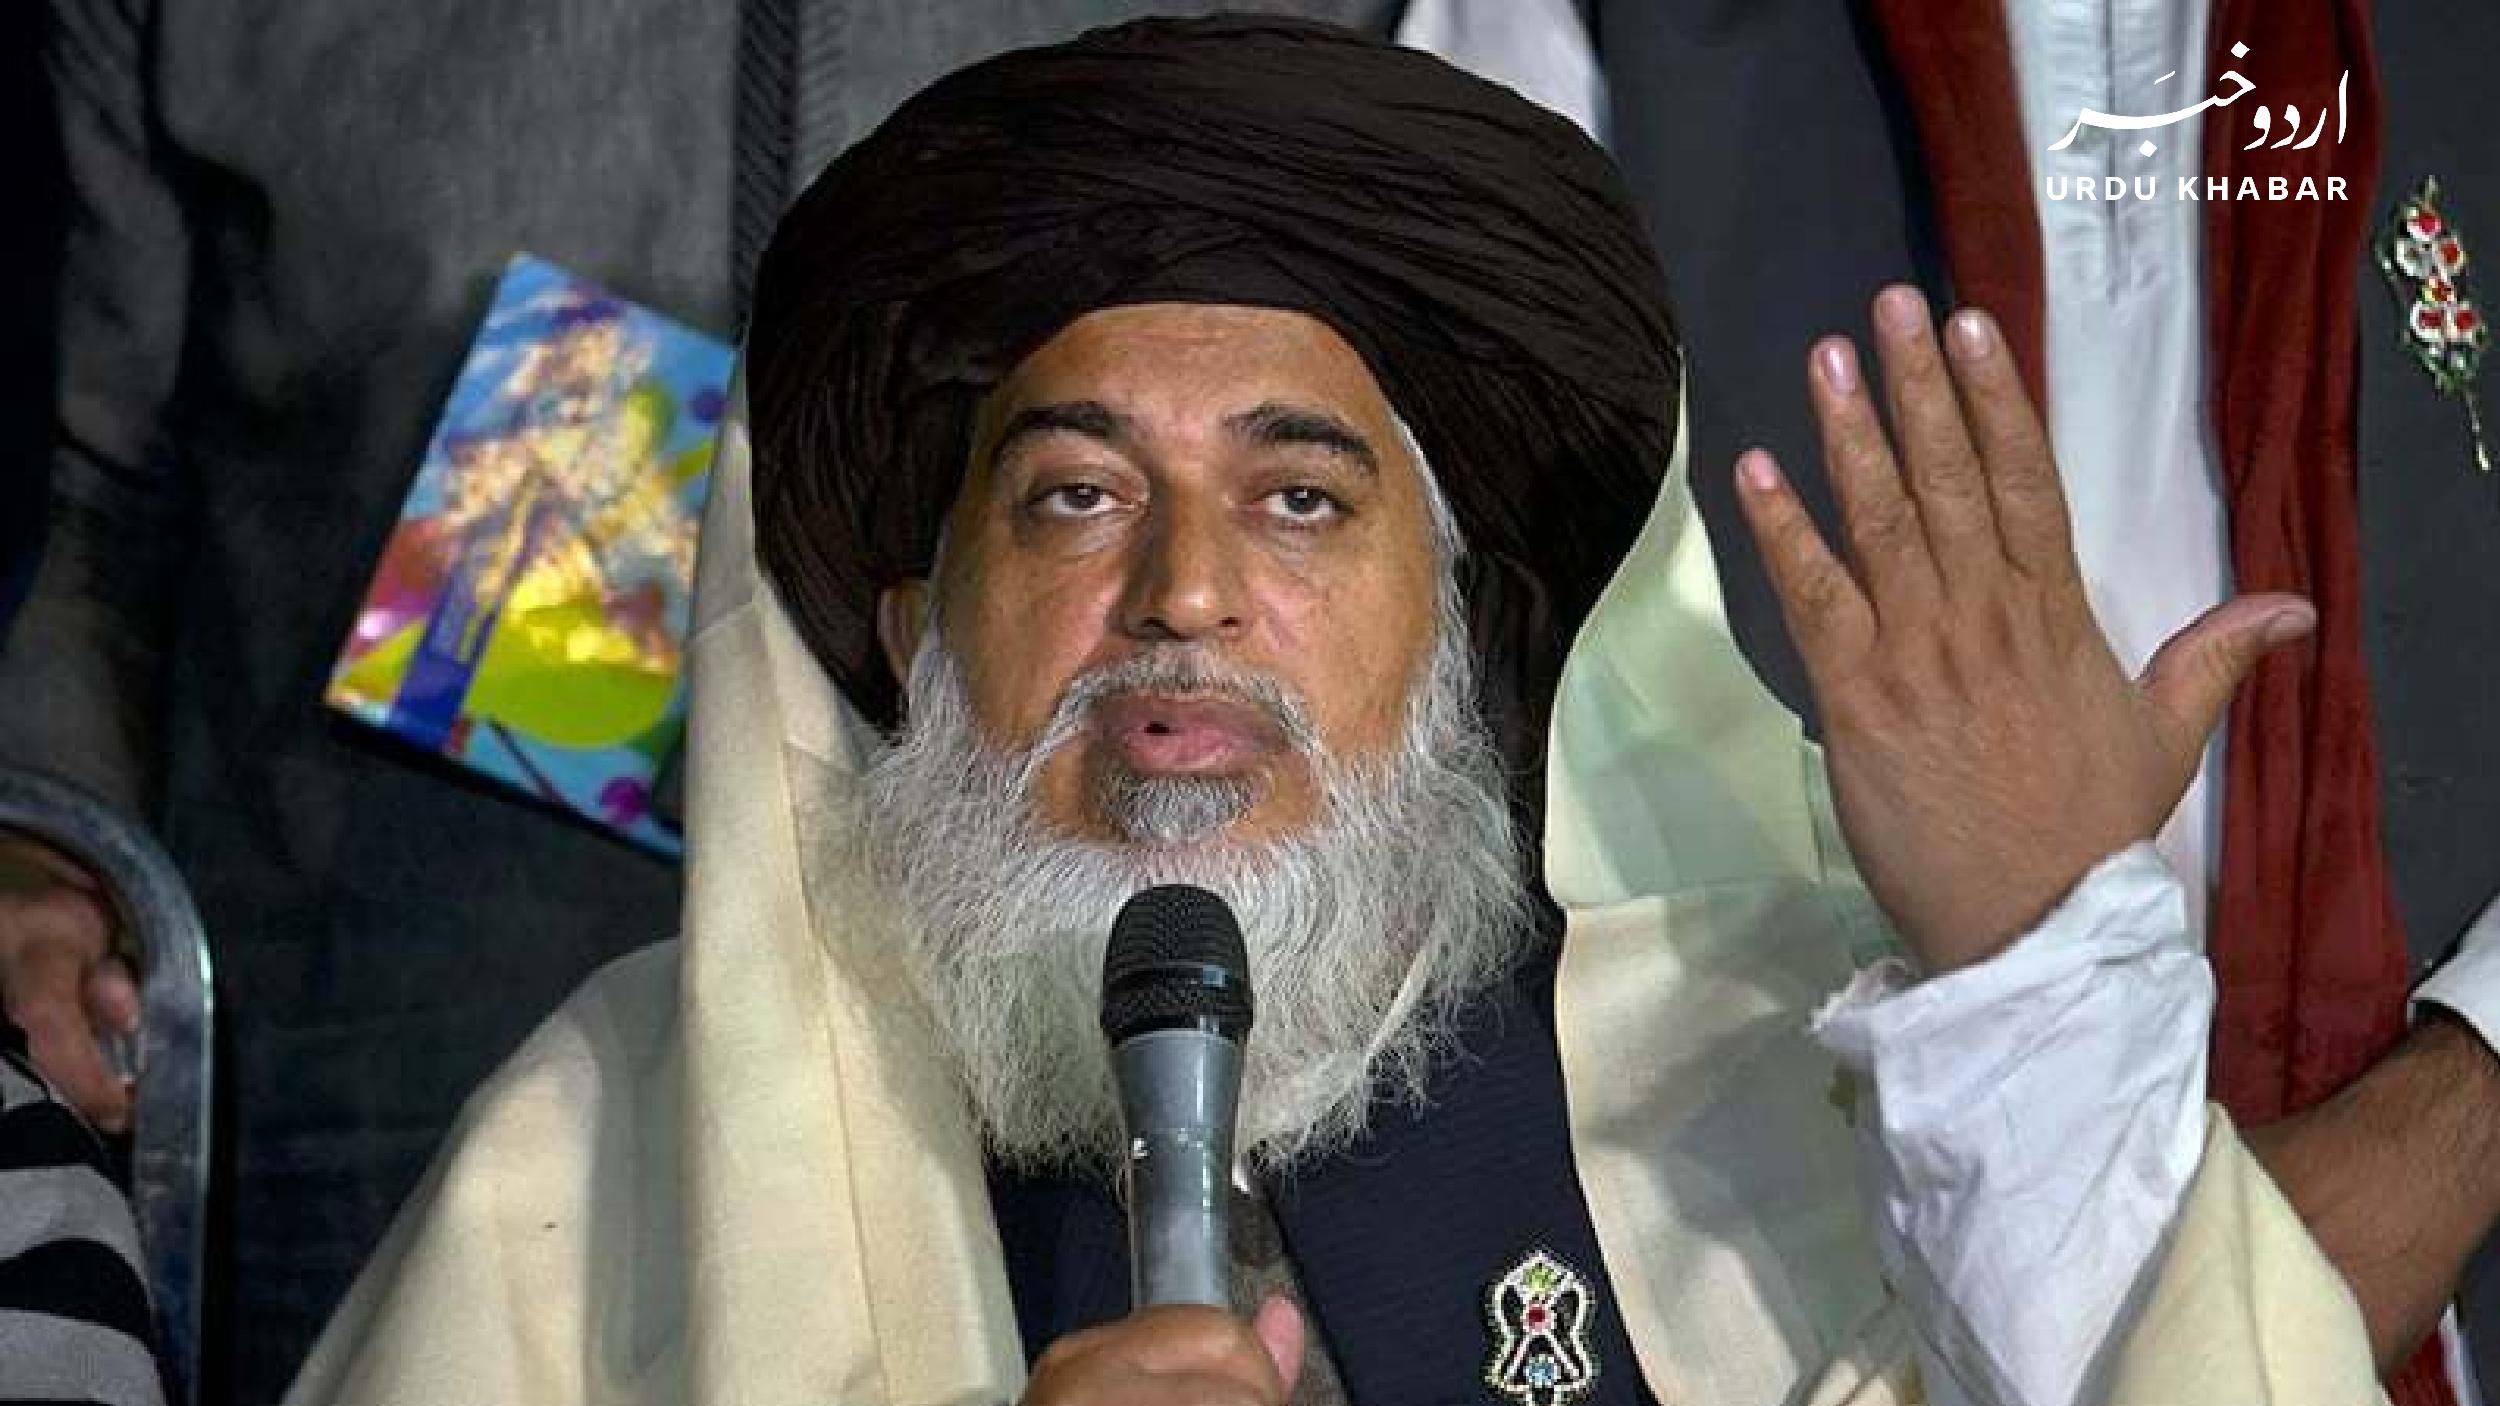 تحریک لبیک پاکستان کے سربراہ وفات پا گئے، نماز جنازہ کا اعلان کر دیا گیا